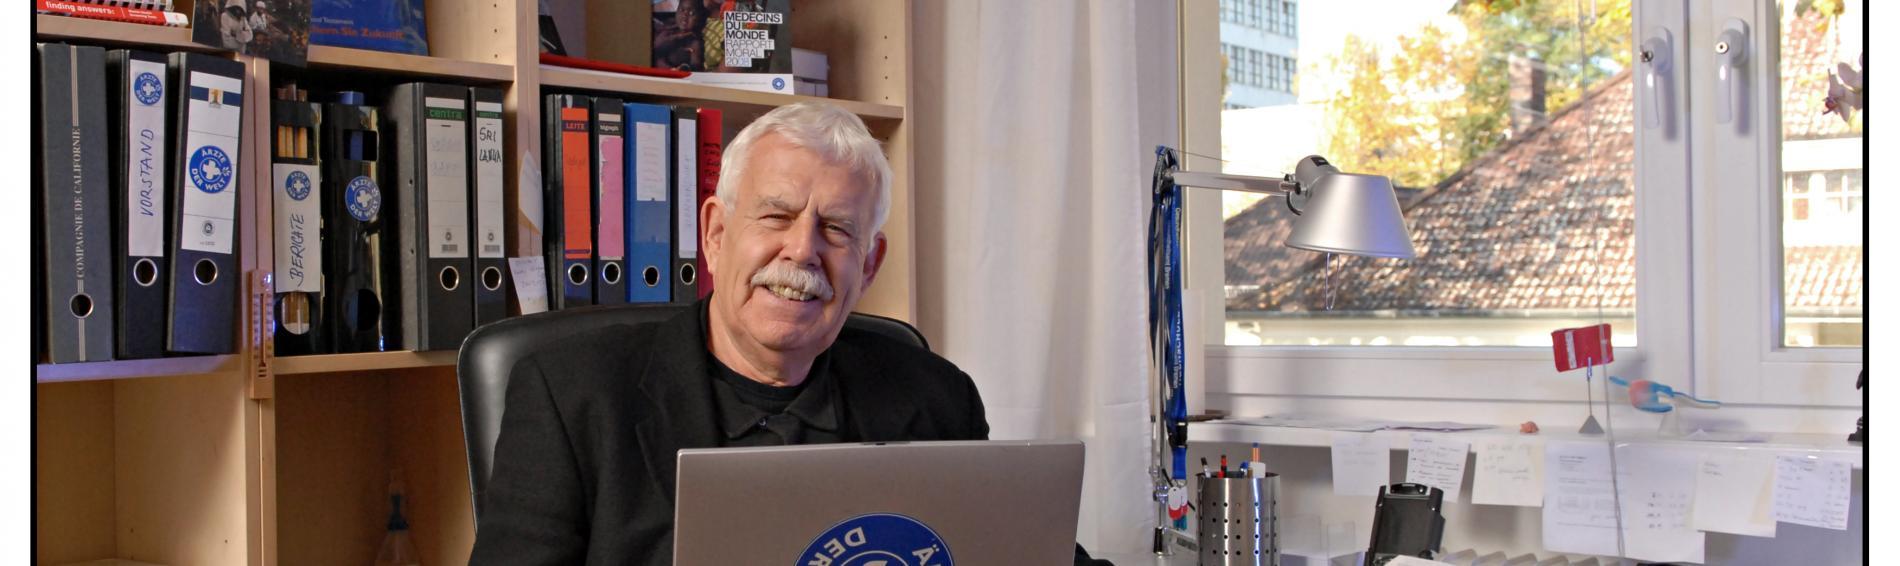 Prof. Heinz-Jochen Zenker, ehemaliger Vorstandsvorsitzender von Ärzte der Welt